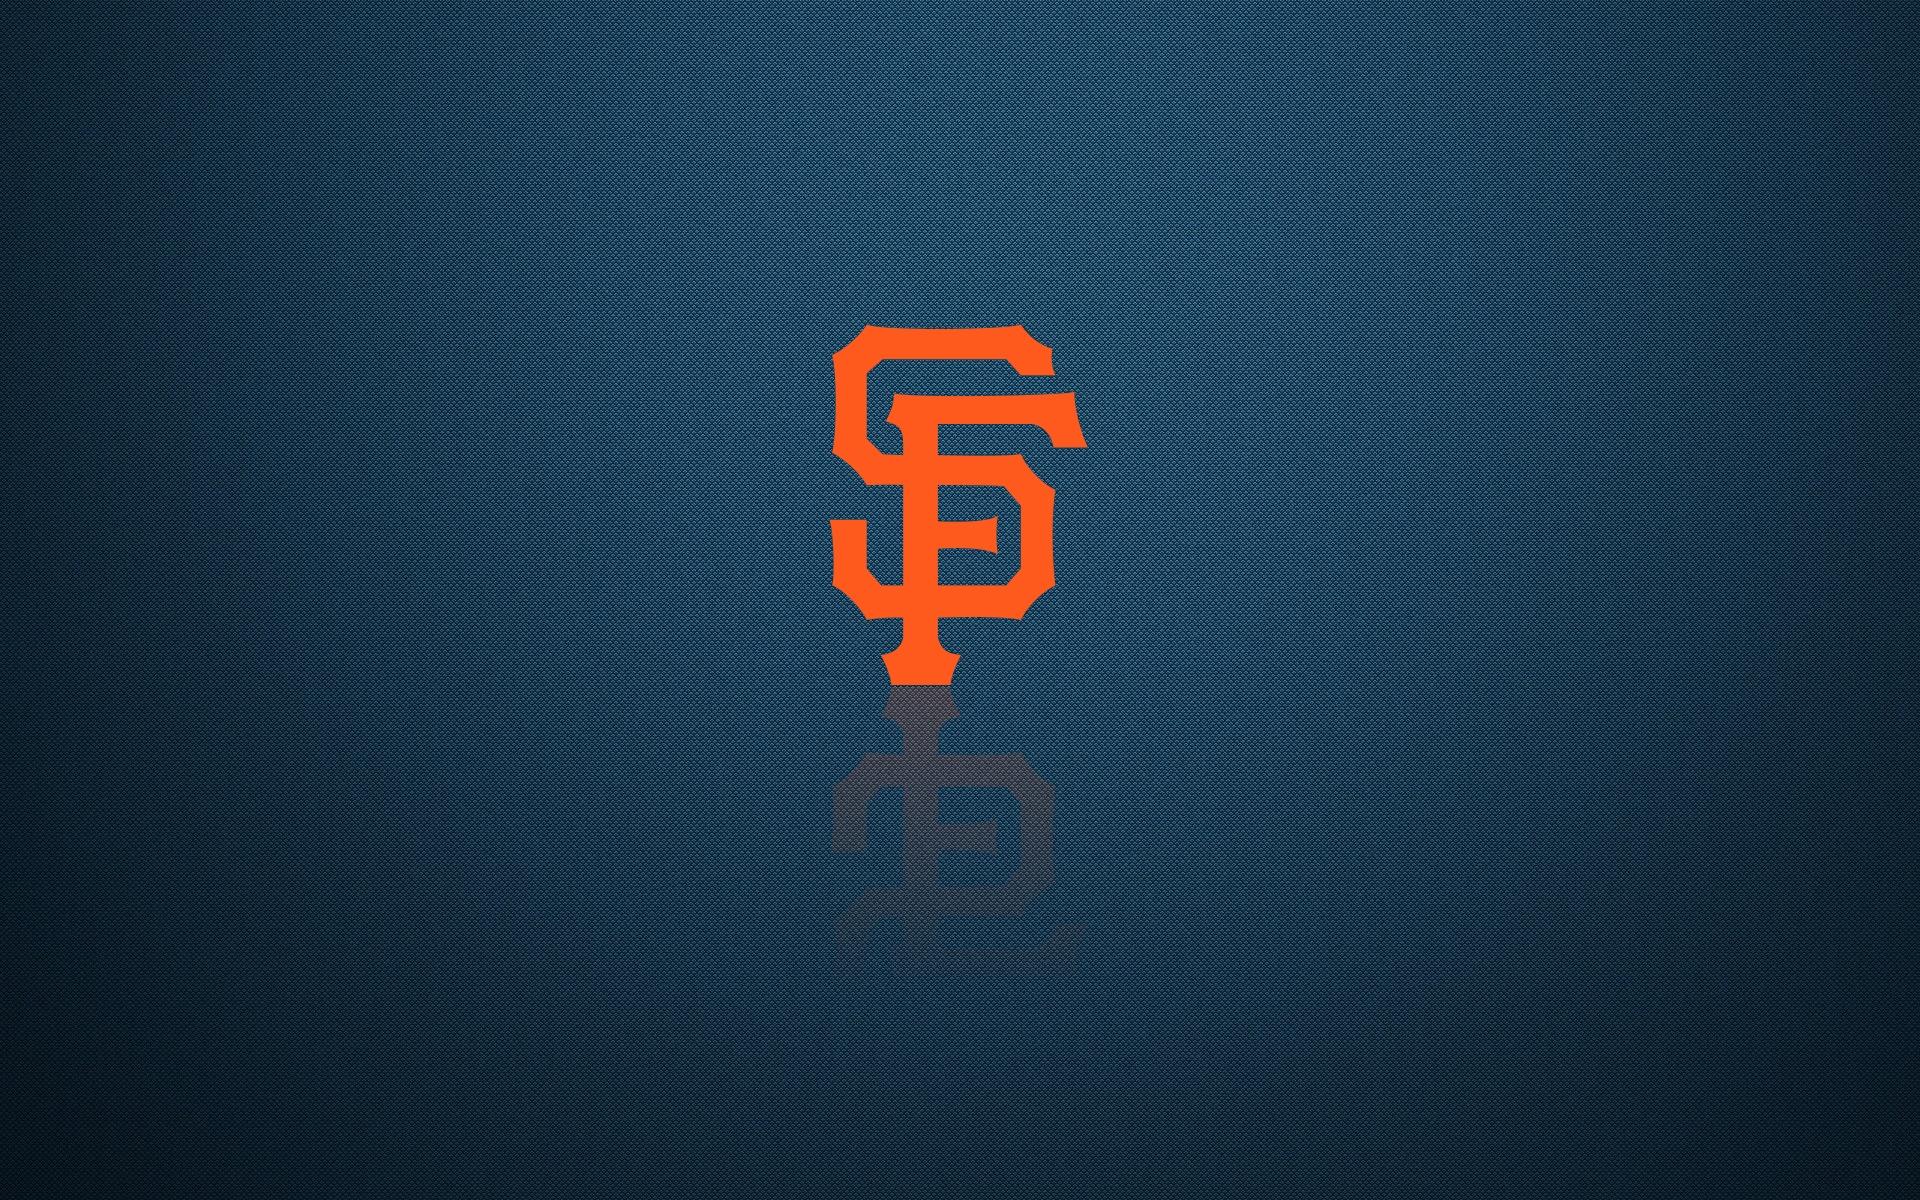 San Francisco Giants Logos Download 1920x1200